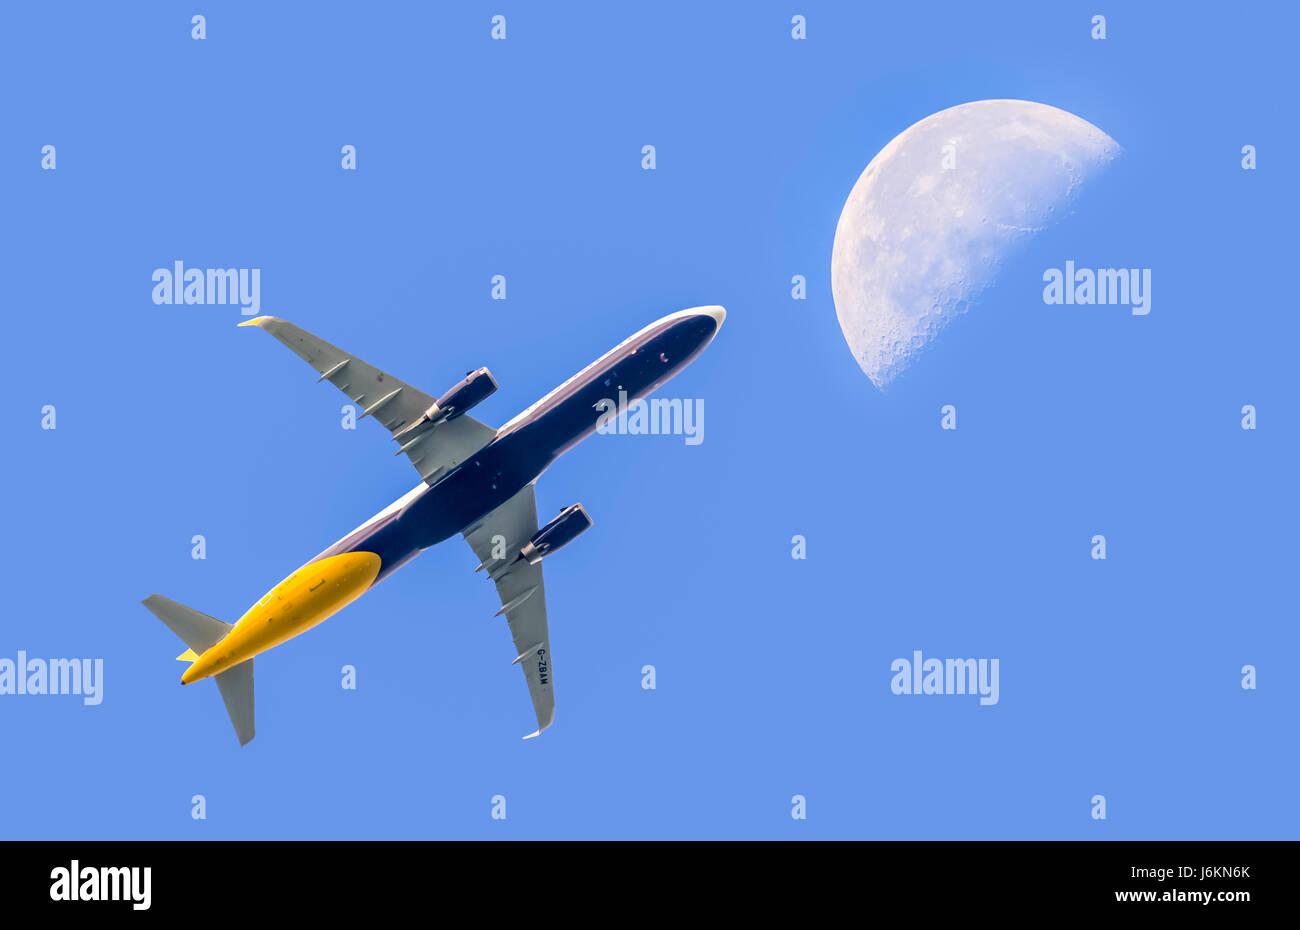 Flieg mit mir zum Mond. Passagierjet Flugzeug fliegen hoch gegen blauen Himmel mit dem Mond in der Ferne. Flugreisen. Stockbild